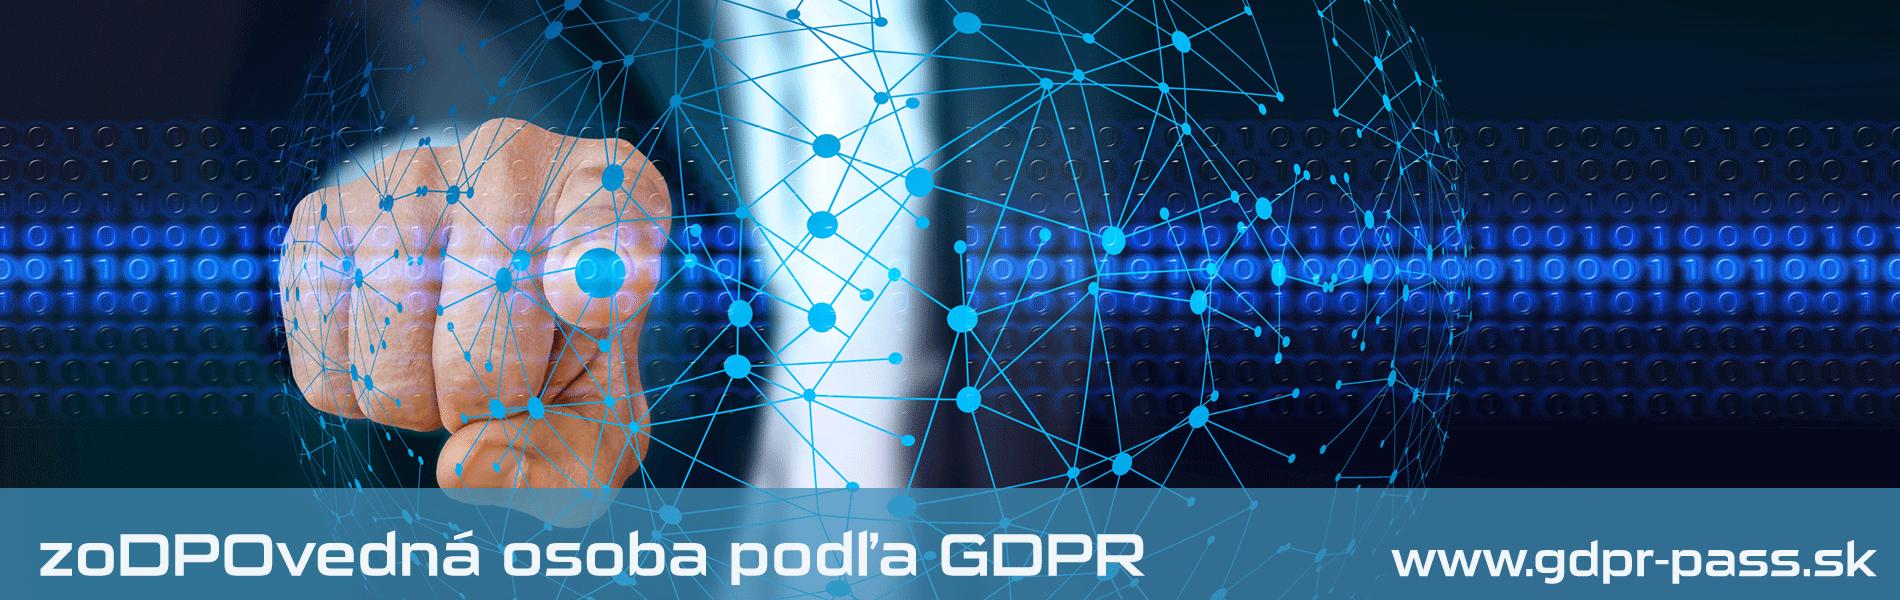 Zodpovedná osoba podľa GDPR | GDPR-PASS.sk